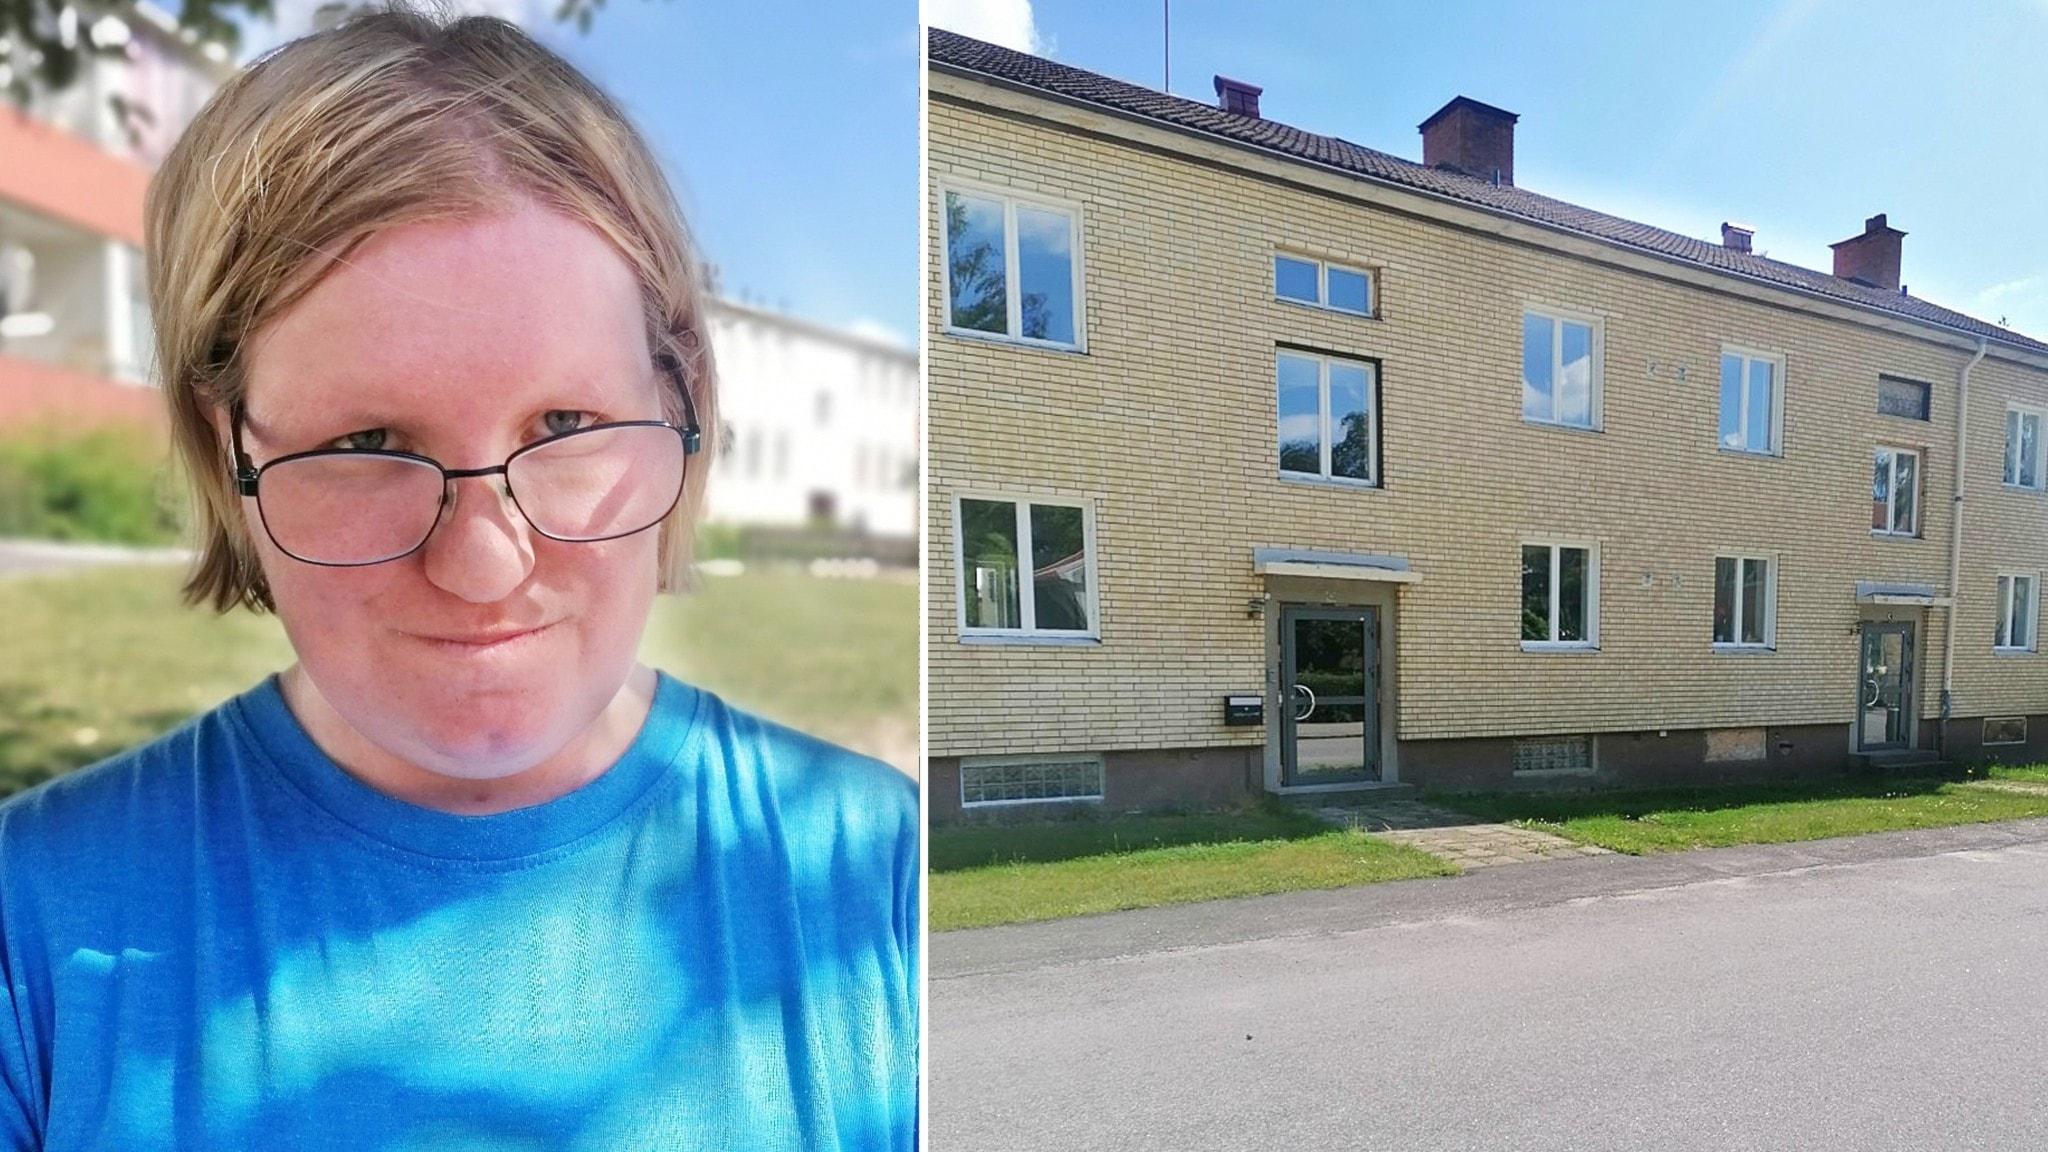 På bilderna ser man en blond kvinna med glasögon och ett gult hus.